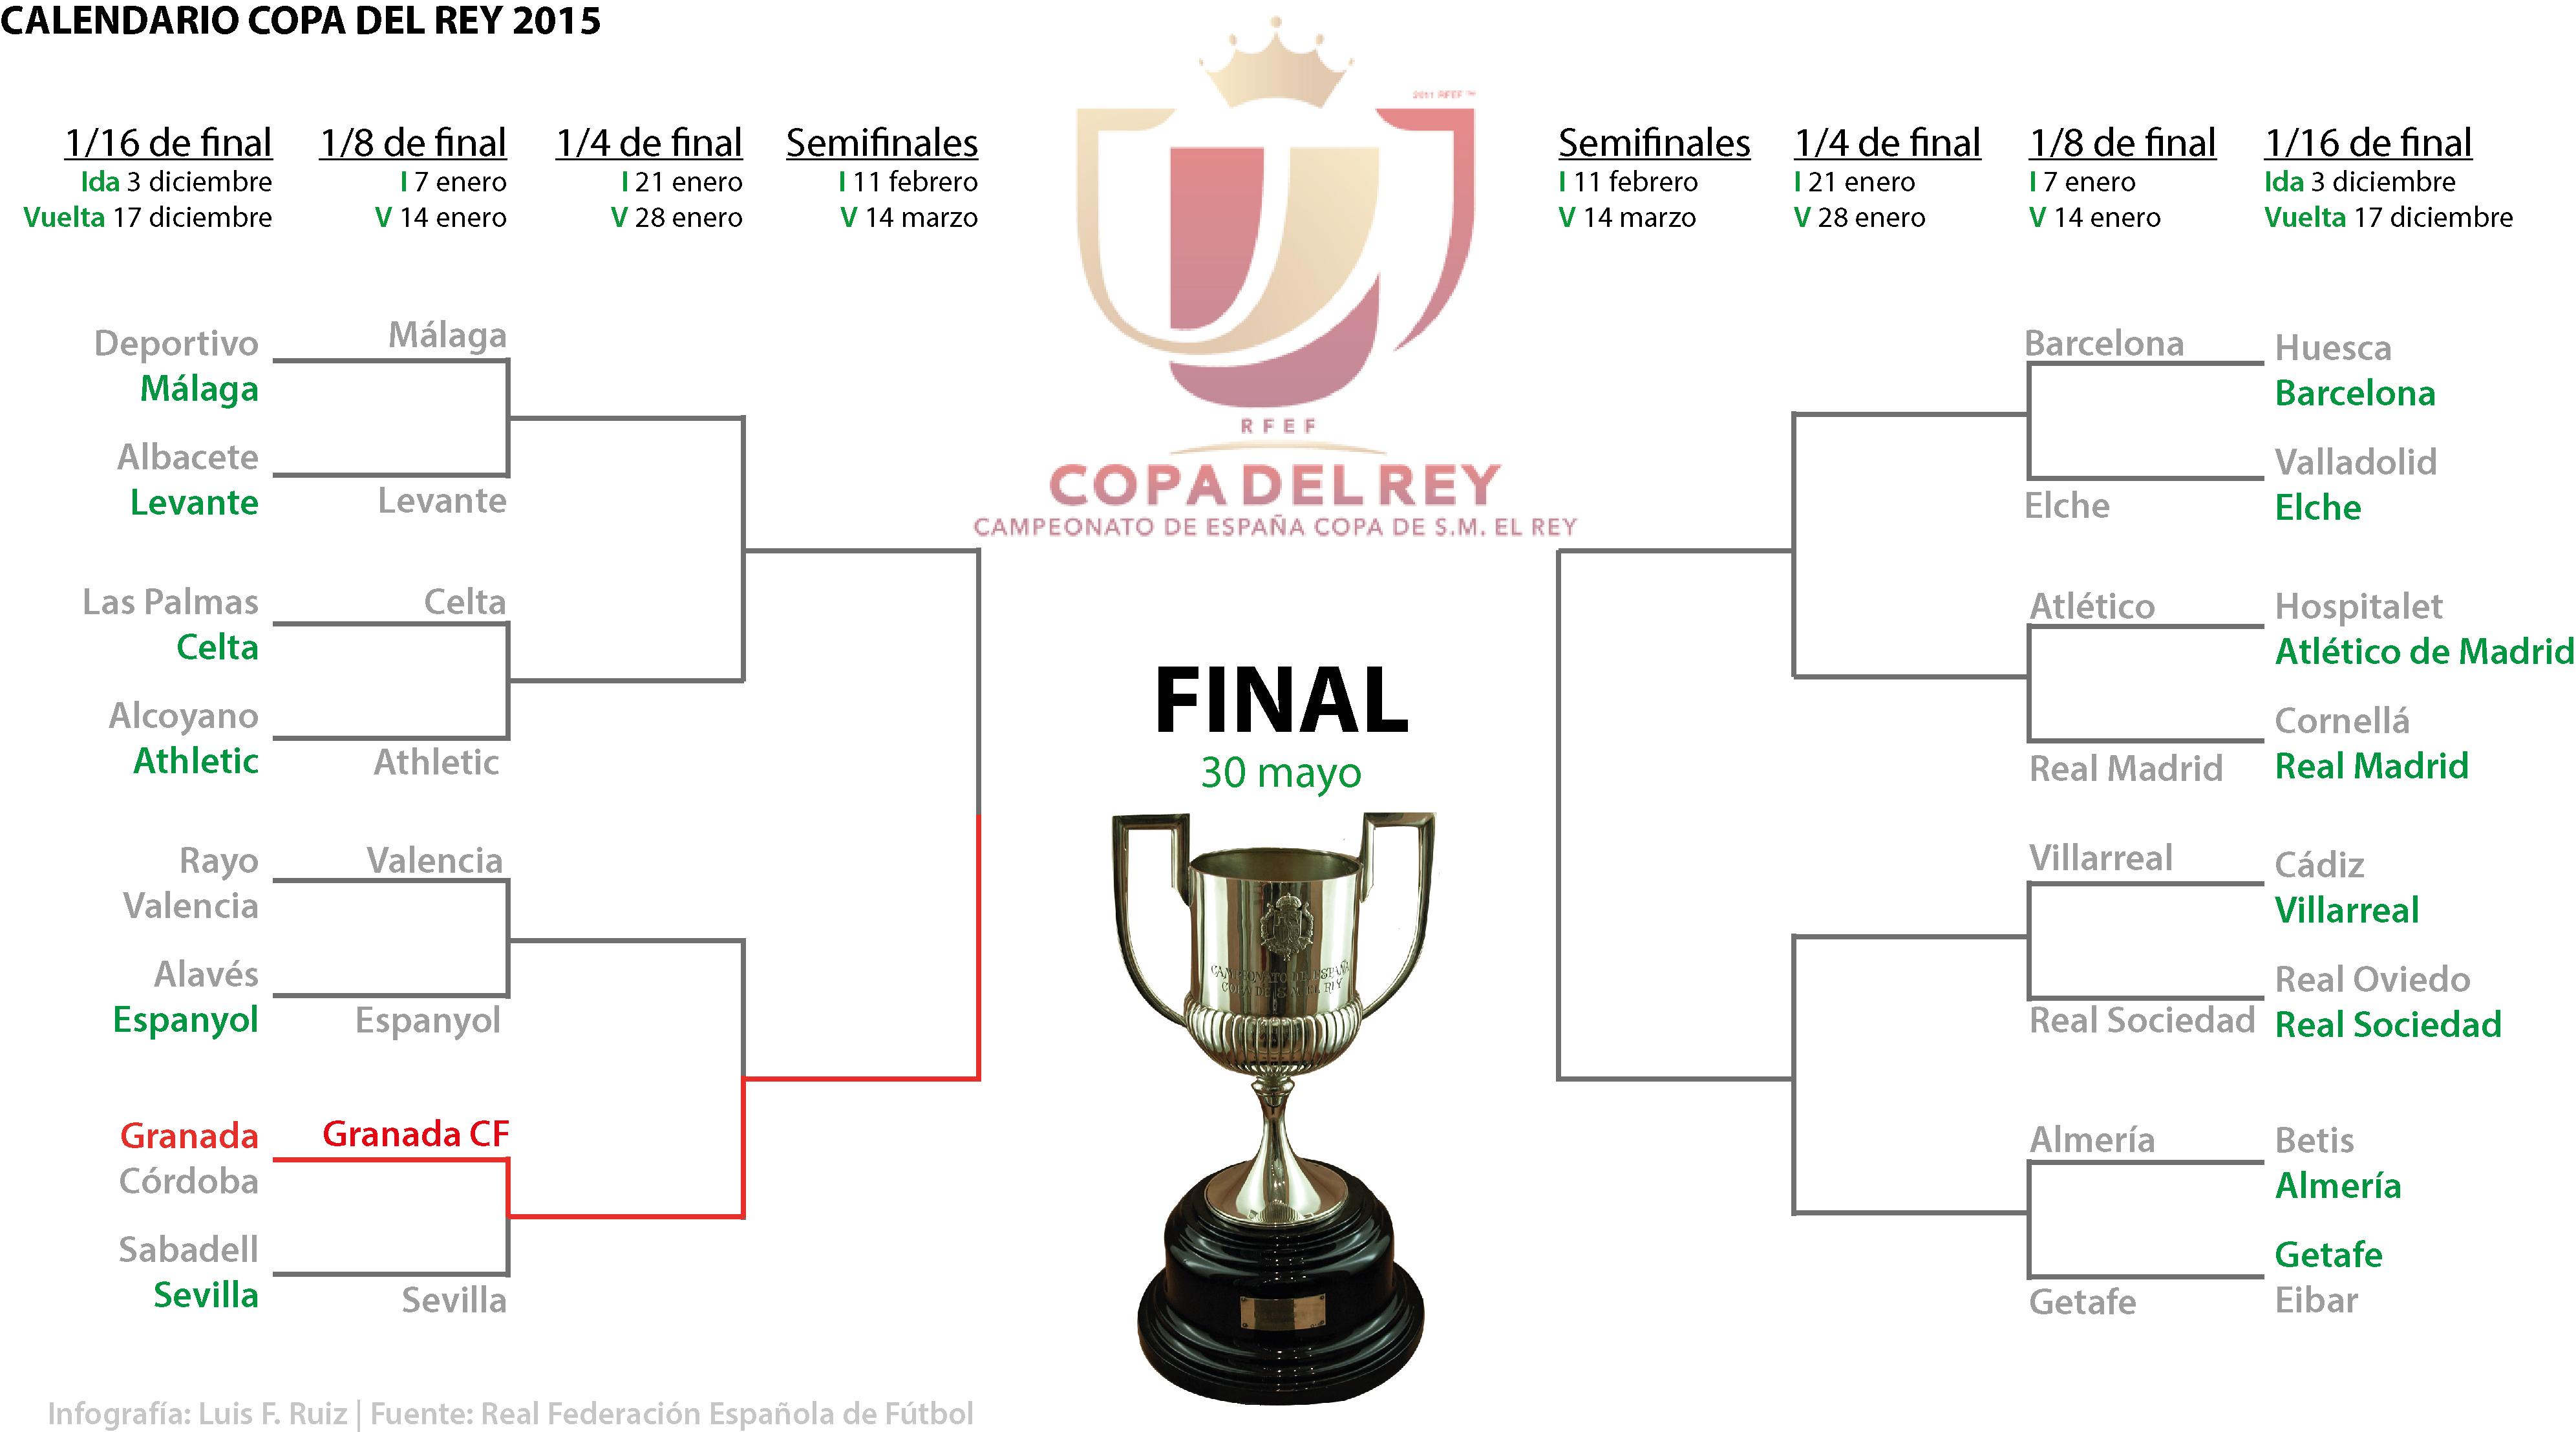 Calendario Coppa Del Re.Ahora Granada El Calendario De La Copa Del Rey 2015 Ahora